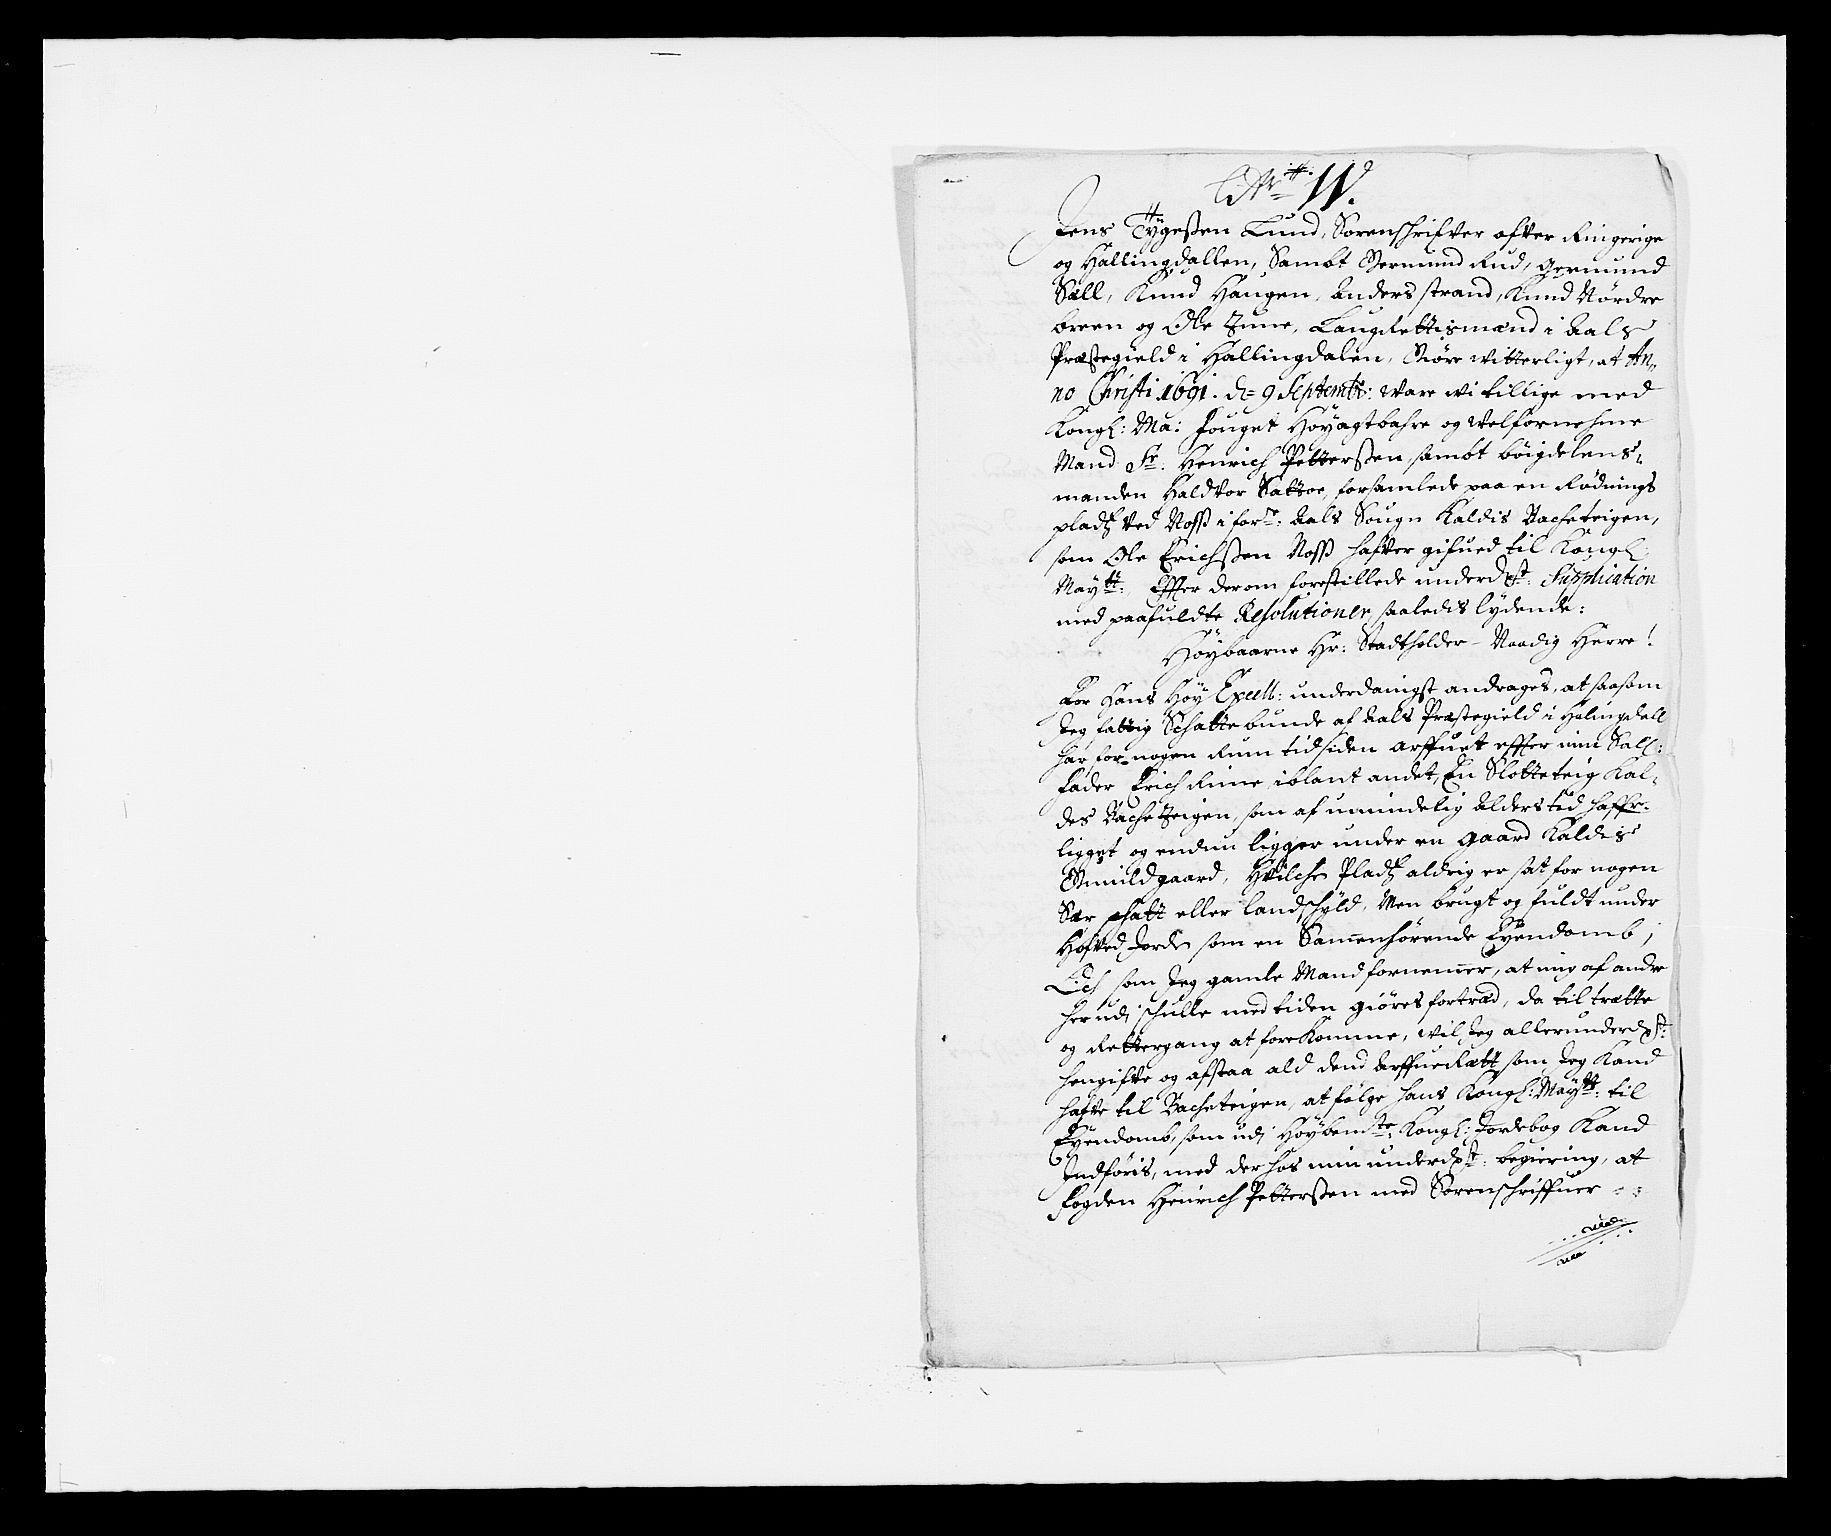 RA, Rentekammeret inntil 1814, Reviderte regnskaper, Fogderegnskap, R21/L1449: Fogderegnskap Ringerike og Hallingdal, 1690-1692, s. 113